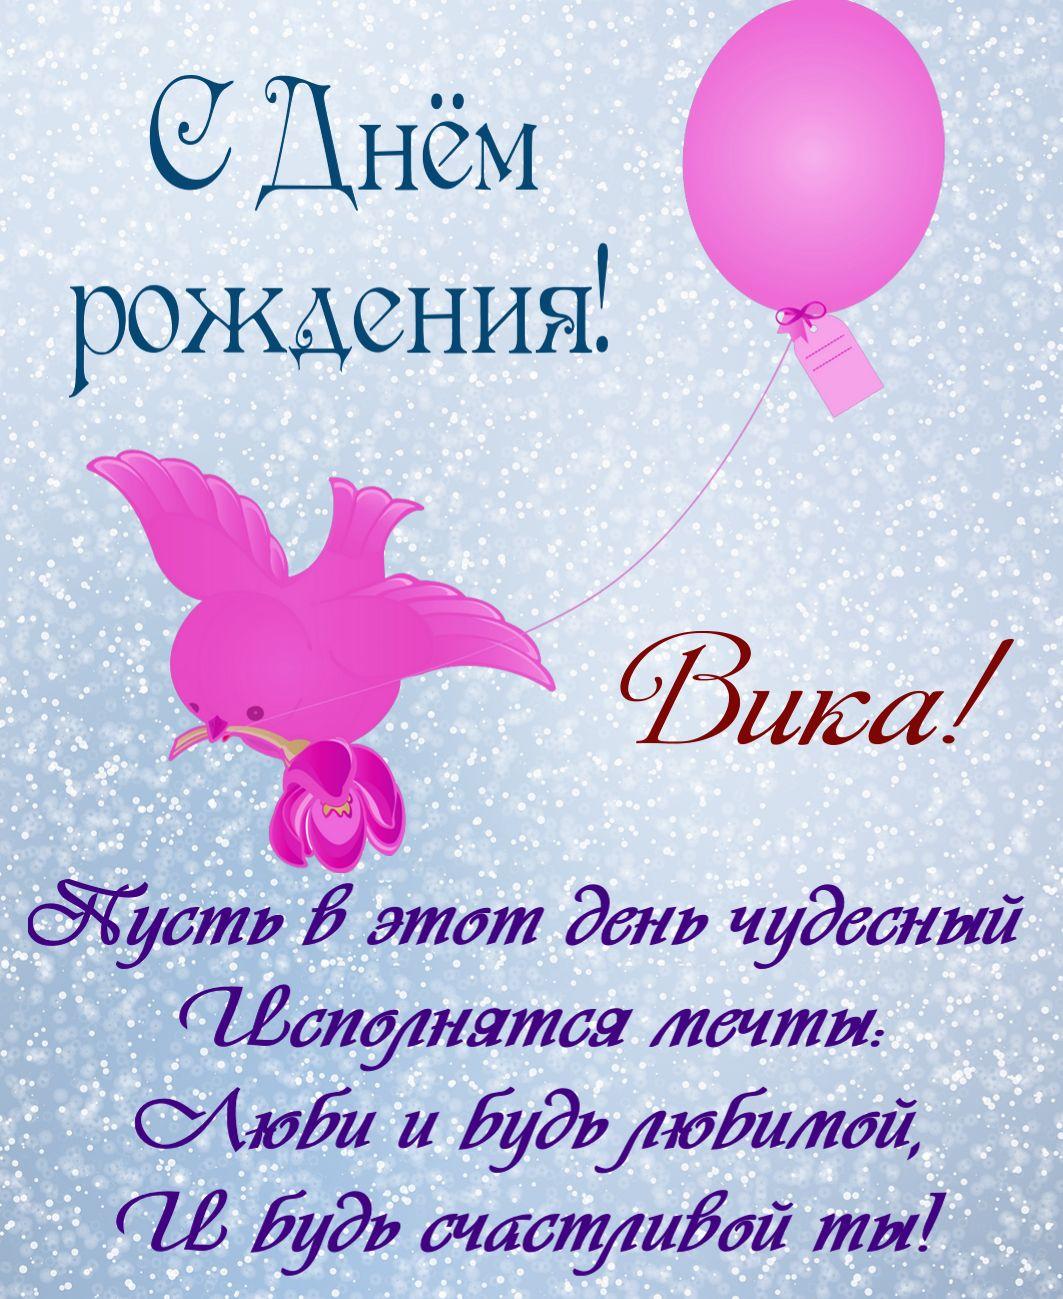 Поздравление с днем рождения девочку викторию